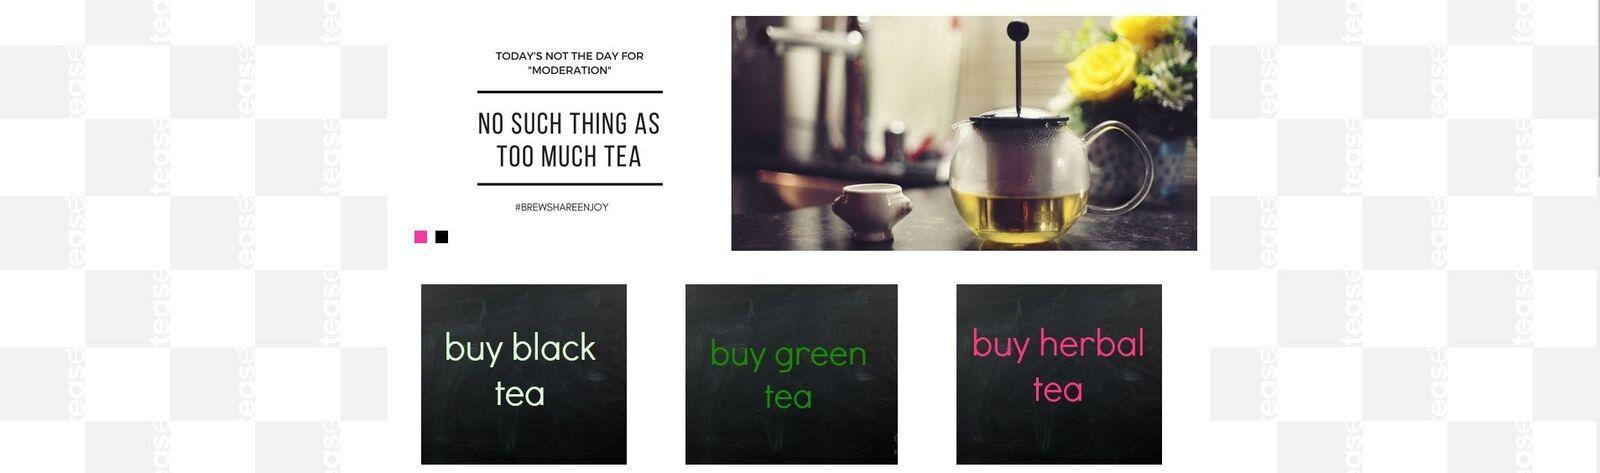 Tease Tea Australia